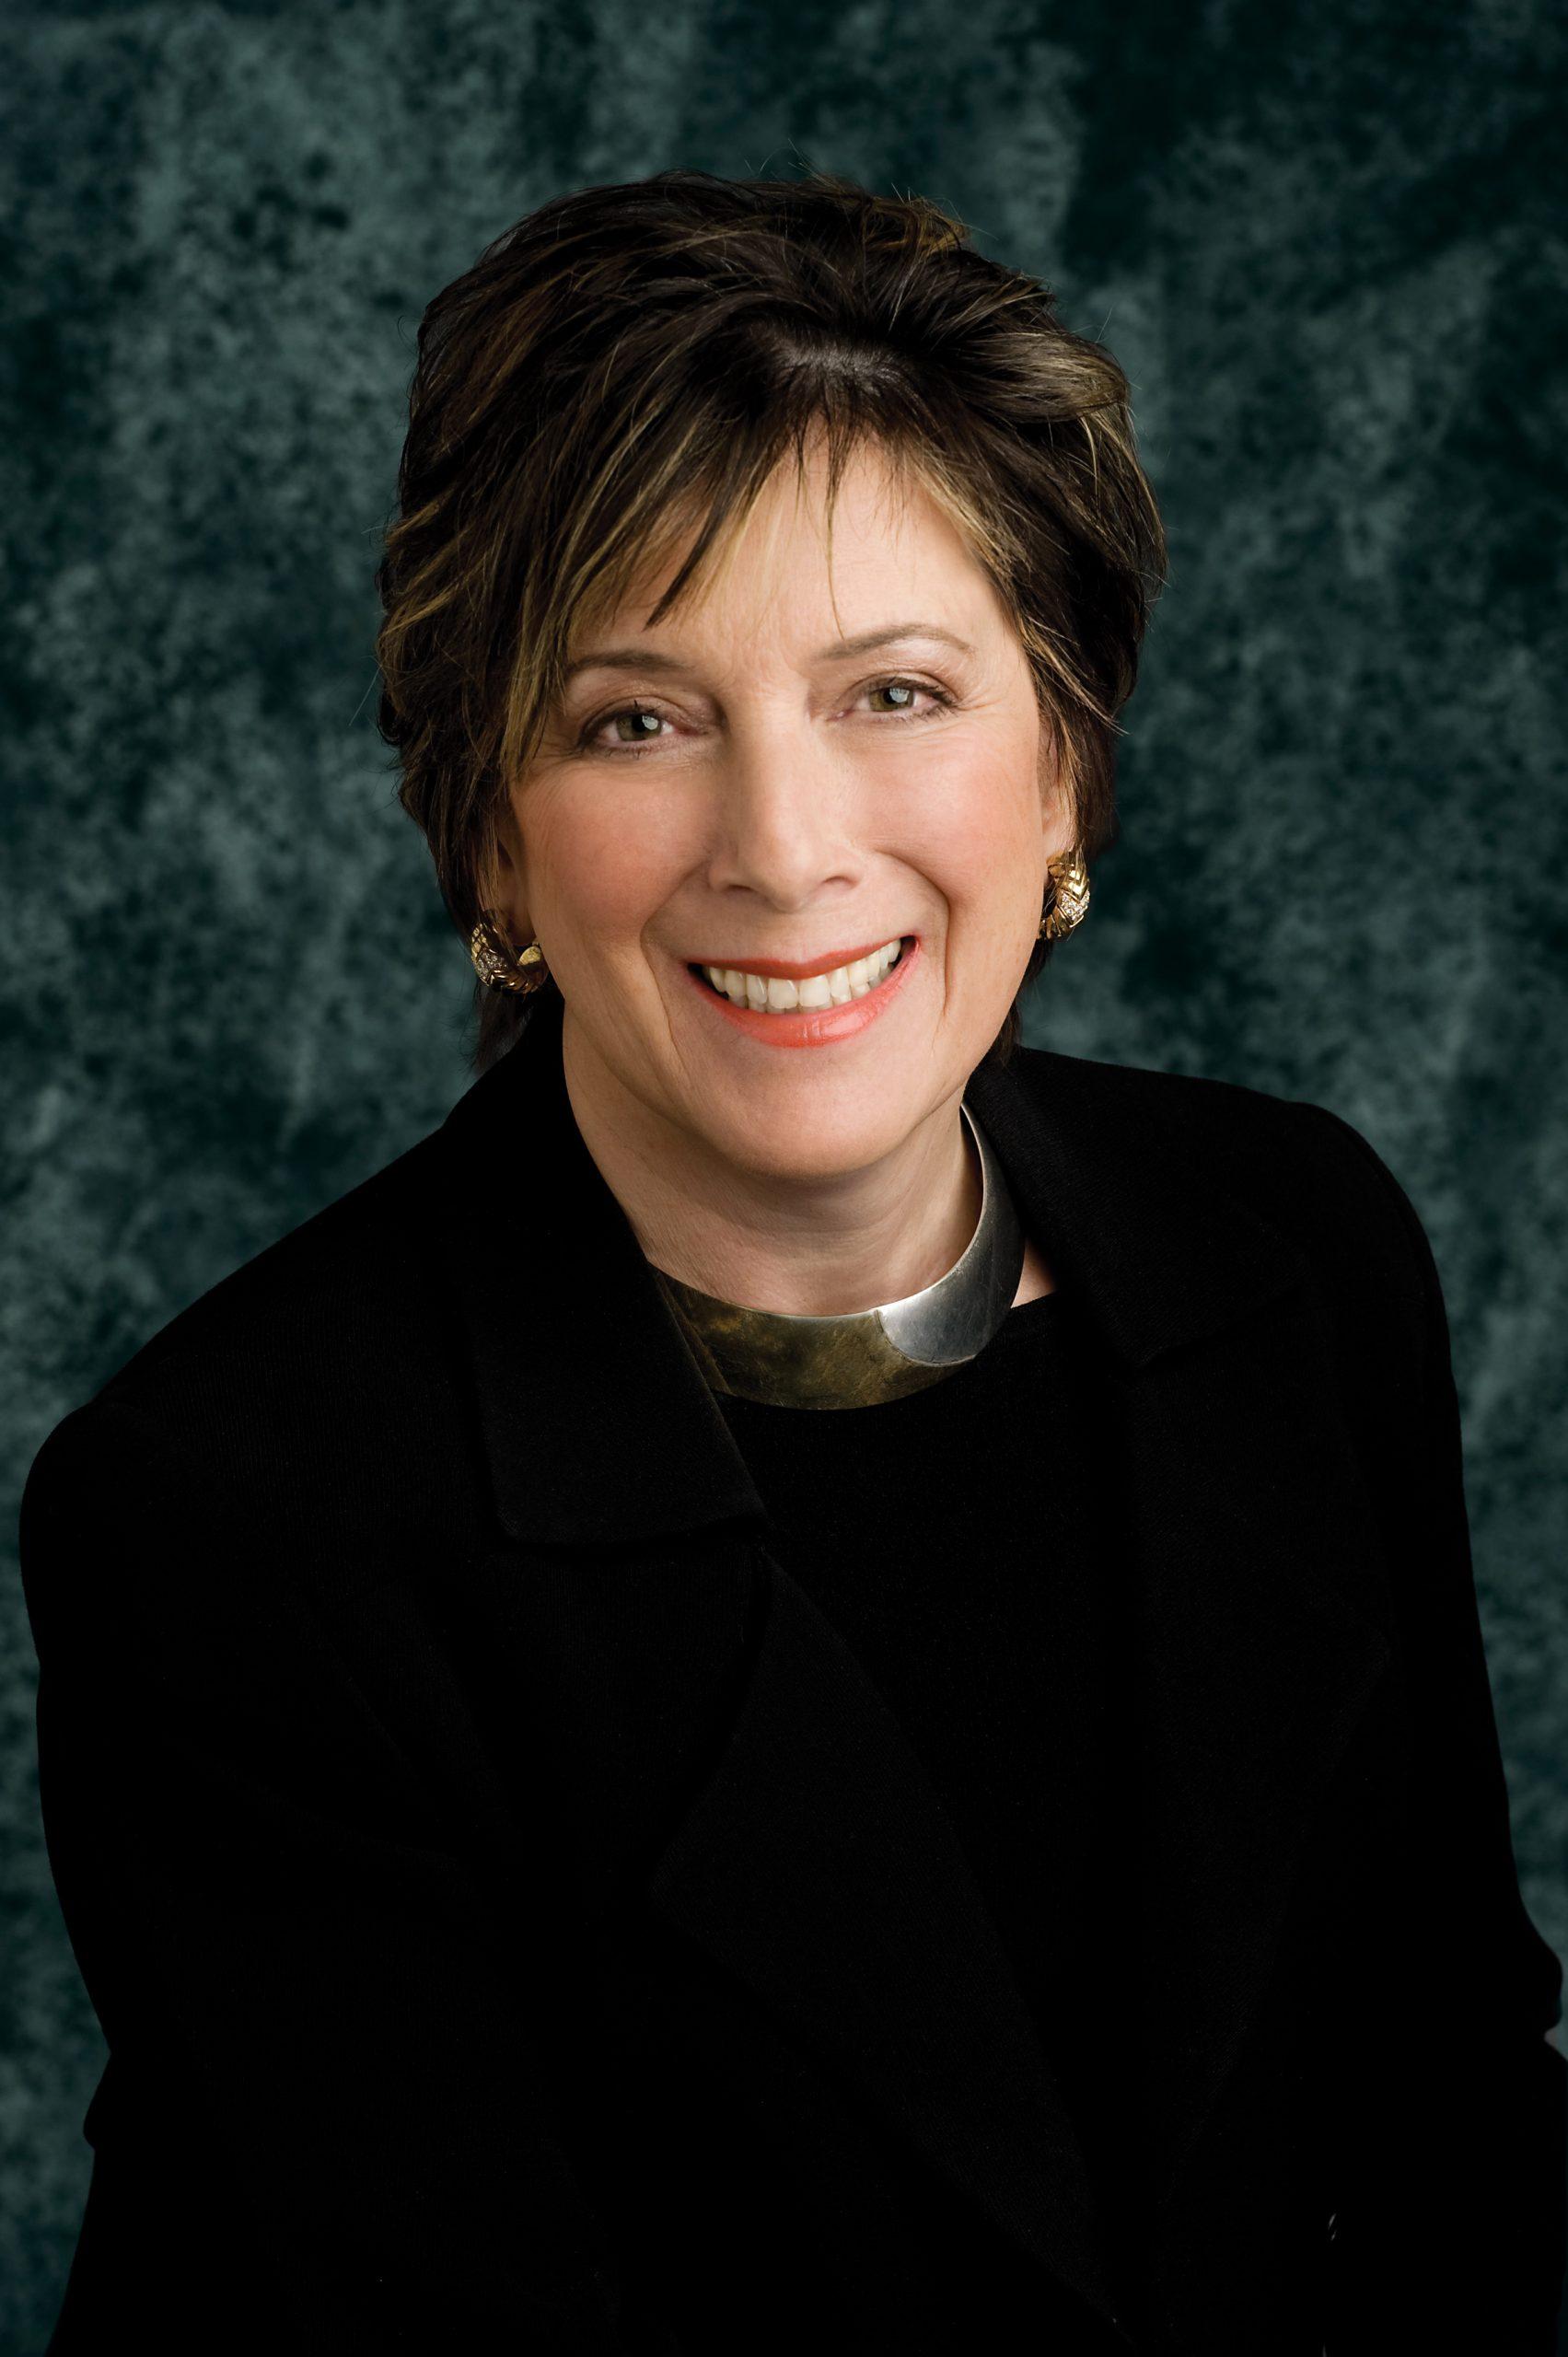 Dr. Julie Korenberg